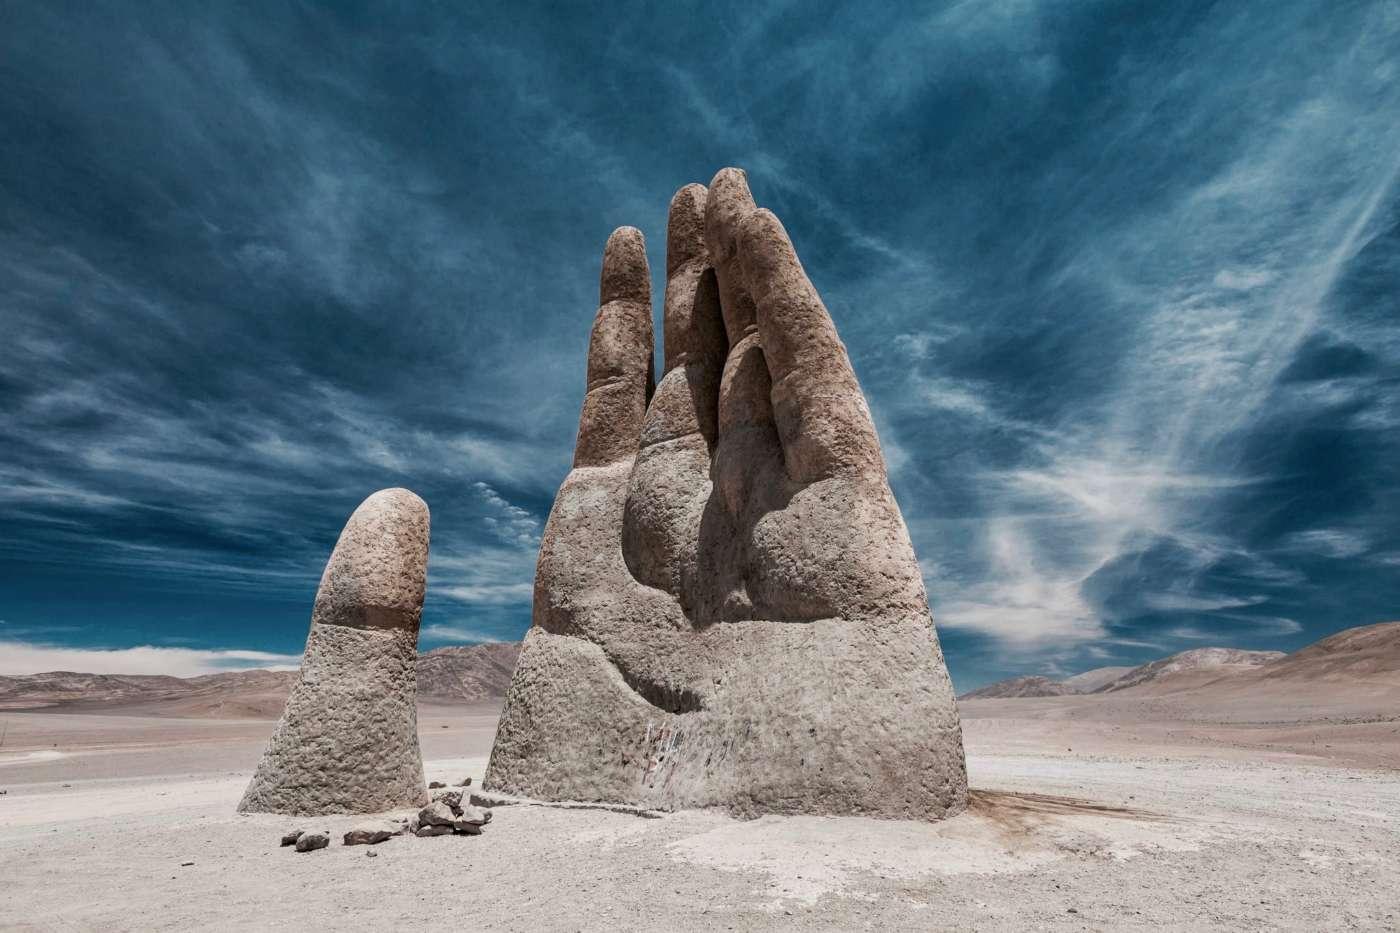 mano-del-desierto-the-hand-of-chile